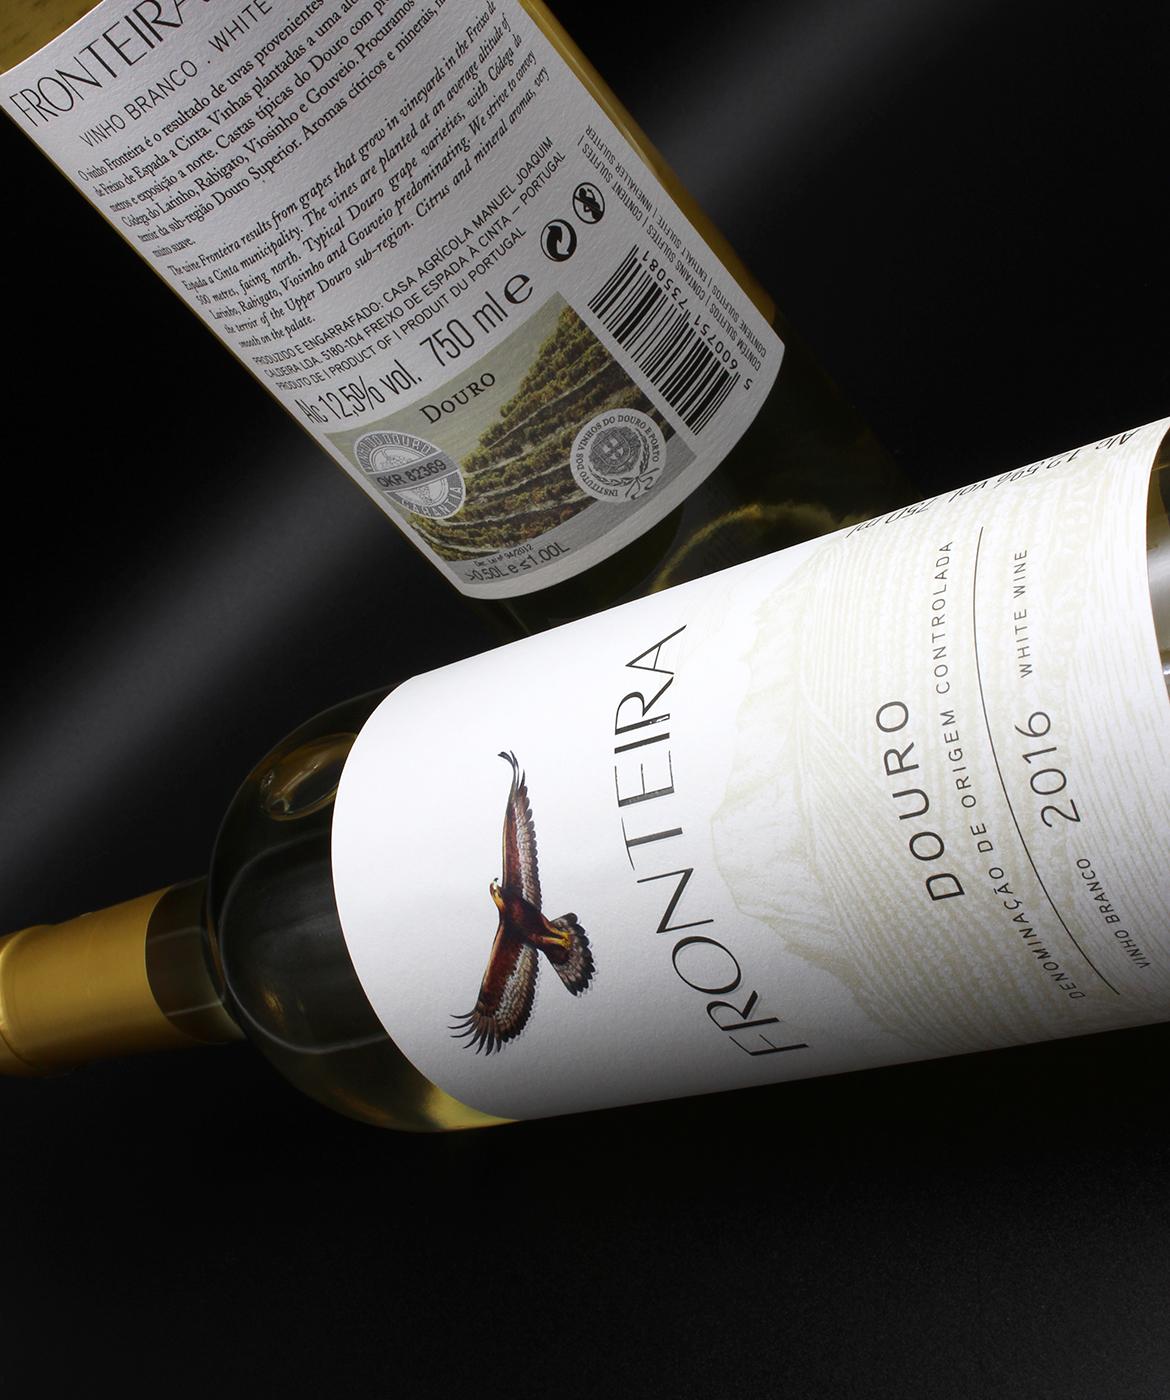 Fronteira Colheita Branco | Vinhos Brancos | Quinta dos Castelares